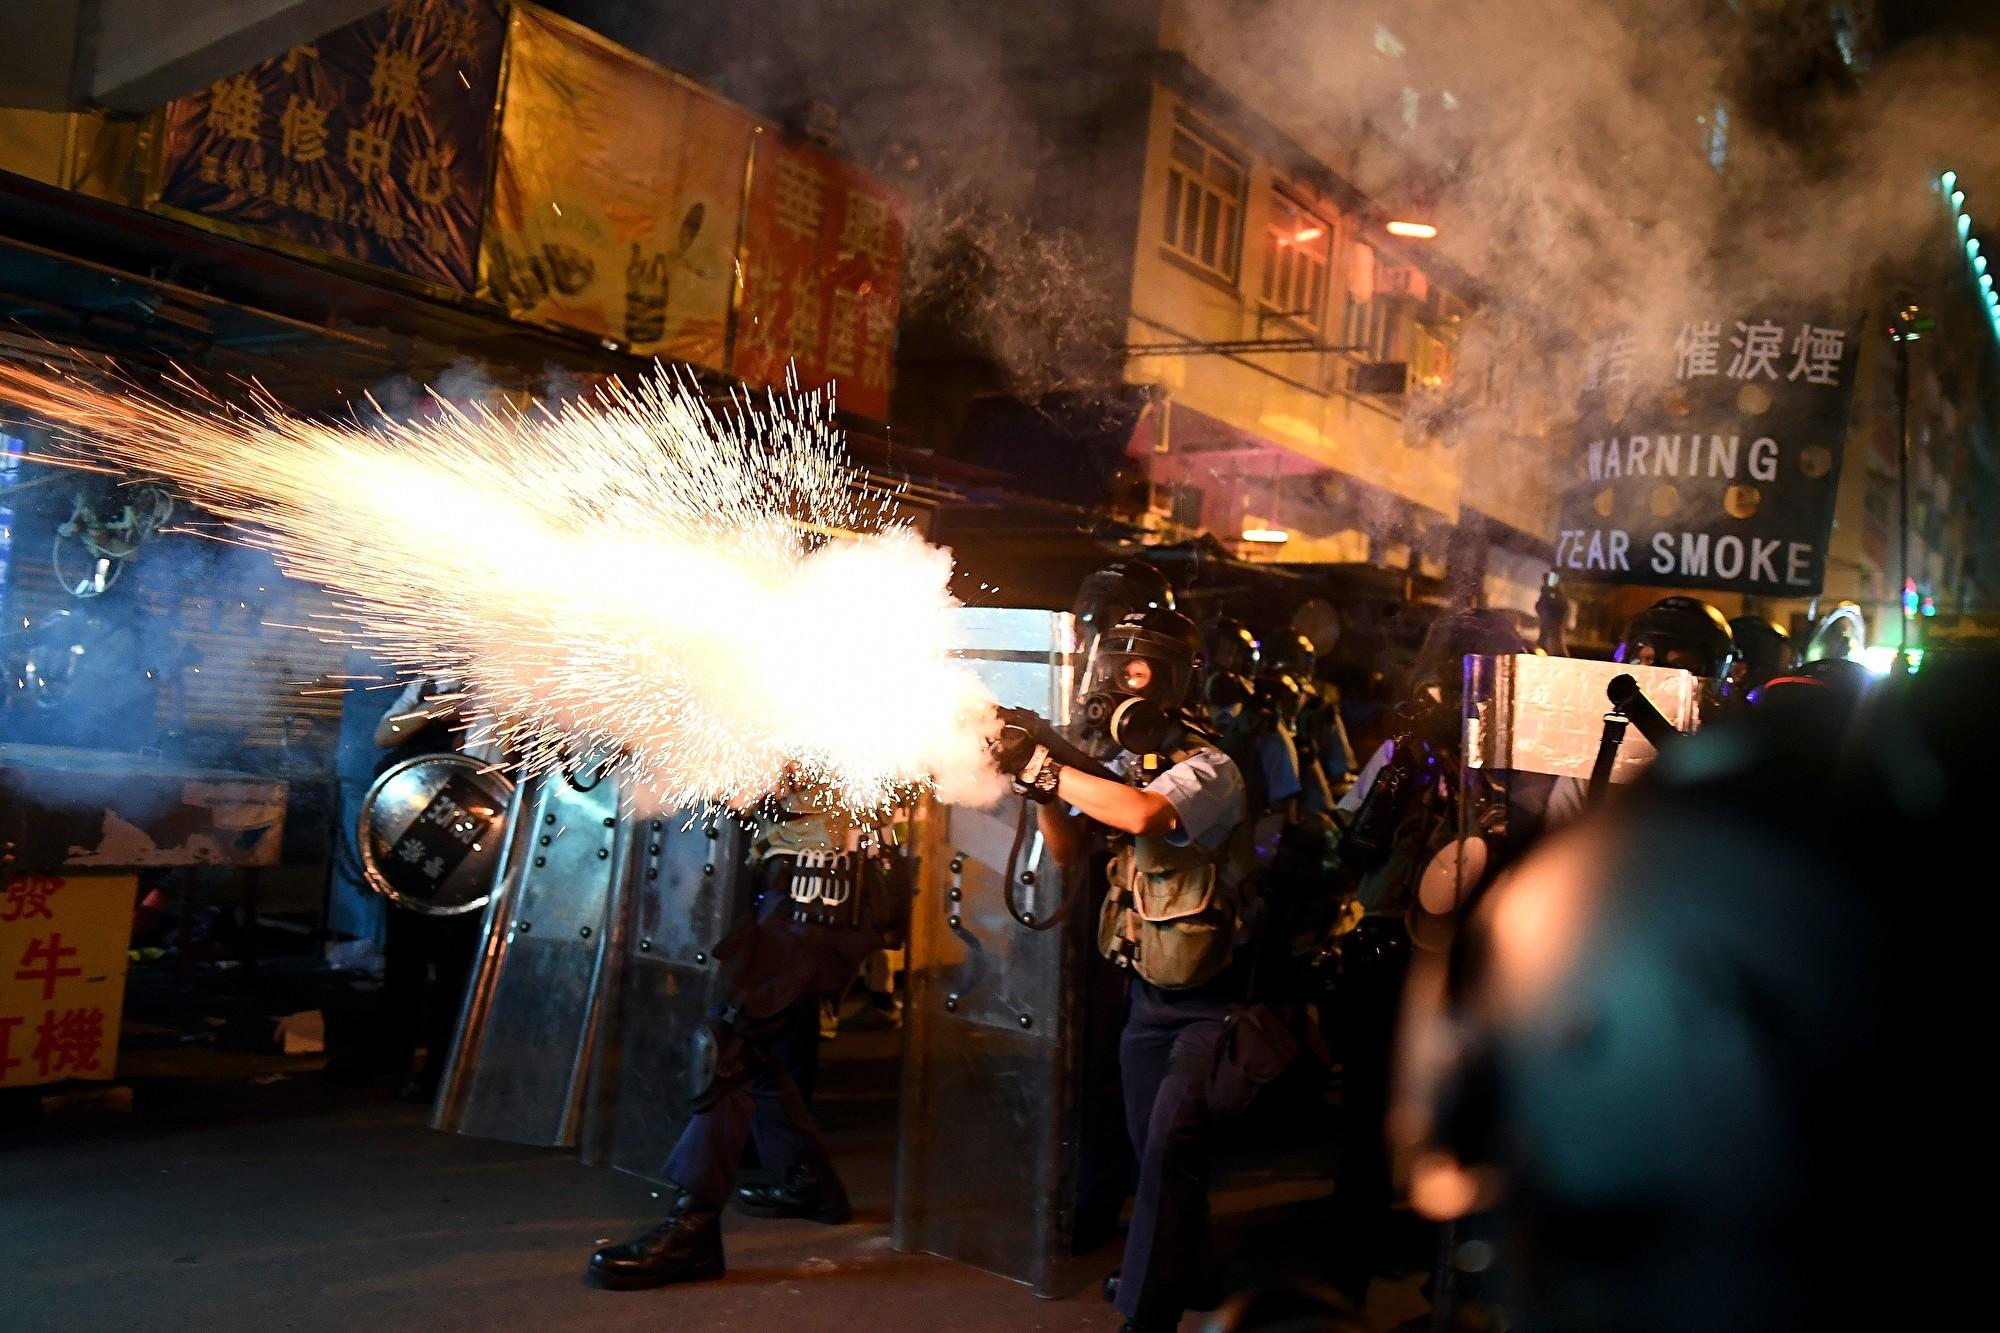 【8.14反送中】人流管制阻港人機場再集會 警發催淚彈阻深水埗市民集會祈福